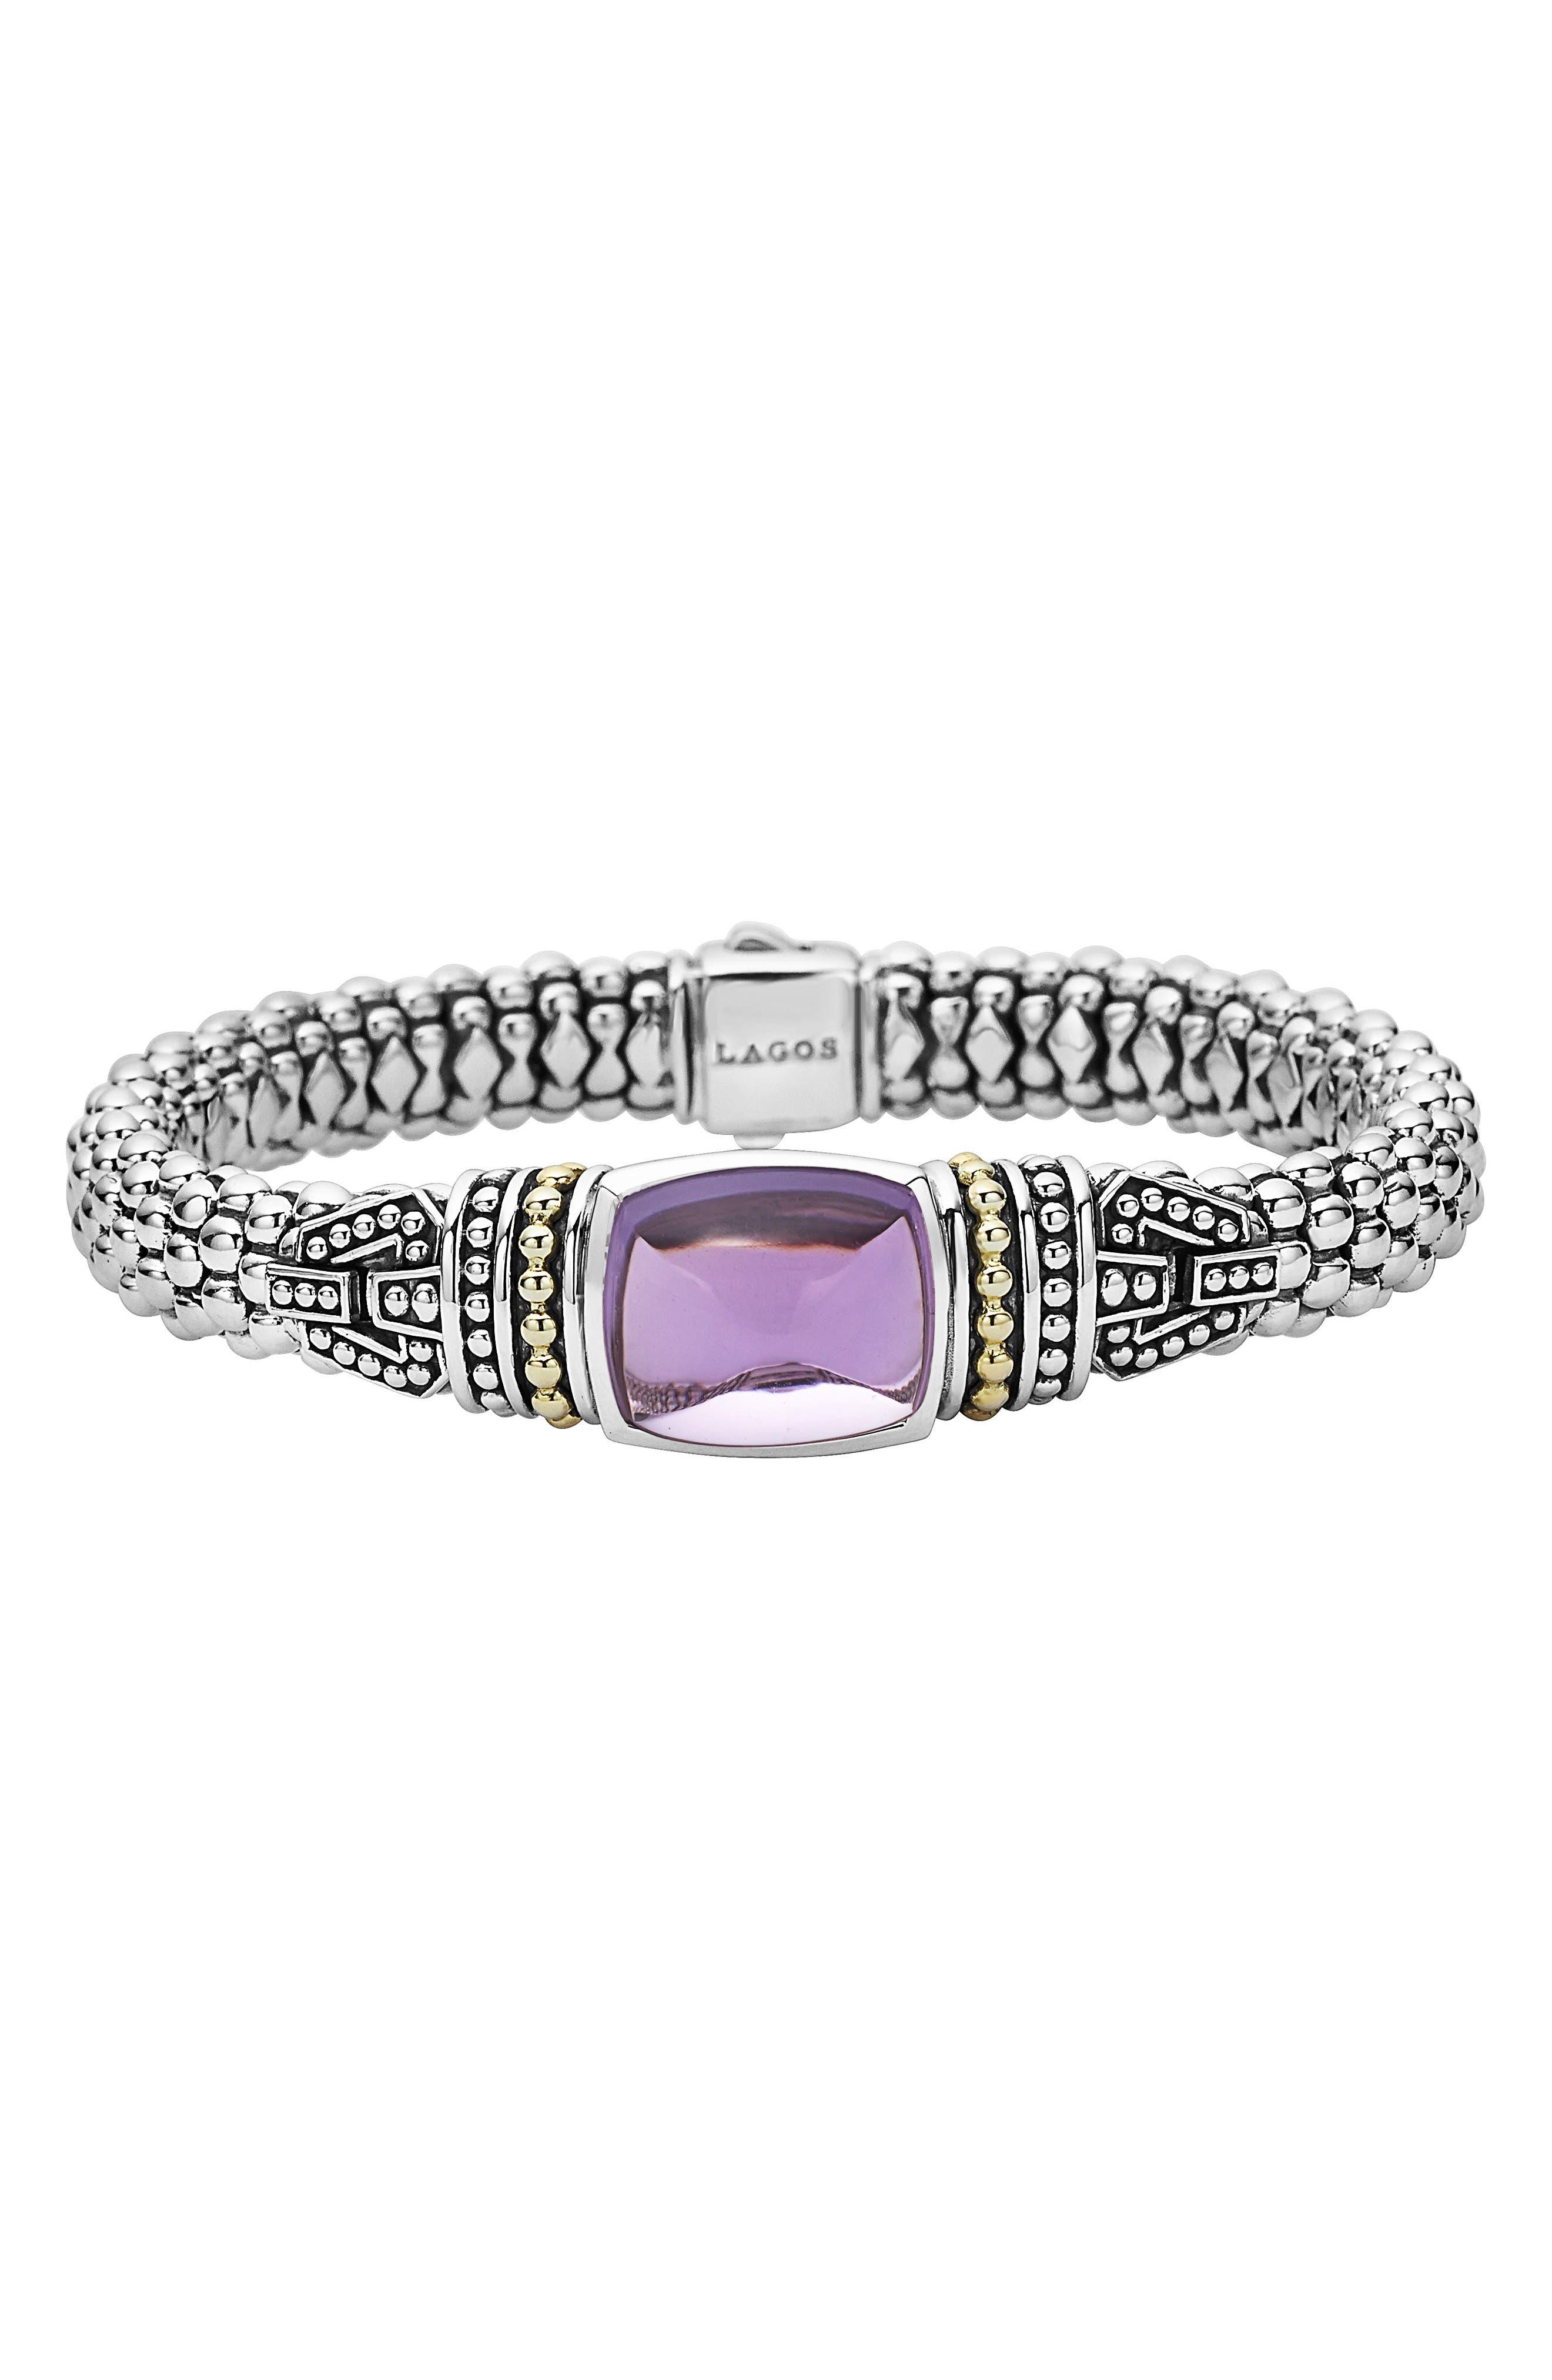 LAGOS Caviar Color Semiprecious Stone Bracelet